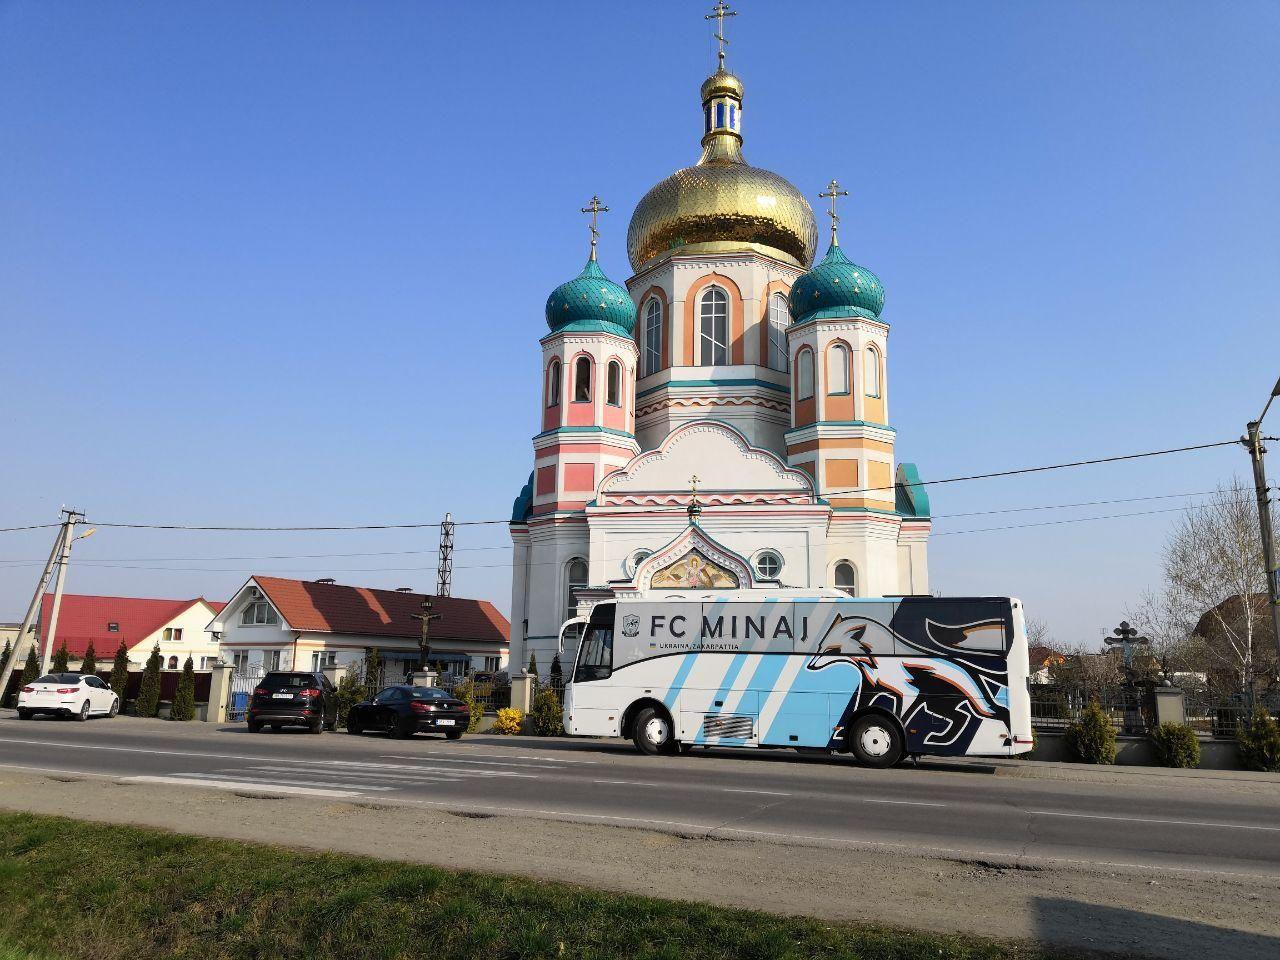 По заветам Кополовца. Перед выездом на матч с Буковиной ФК Минай посетил церковь - изображение 2